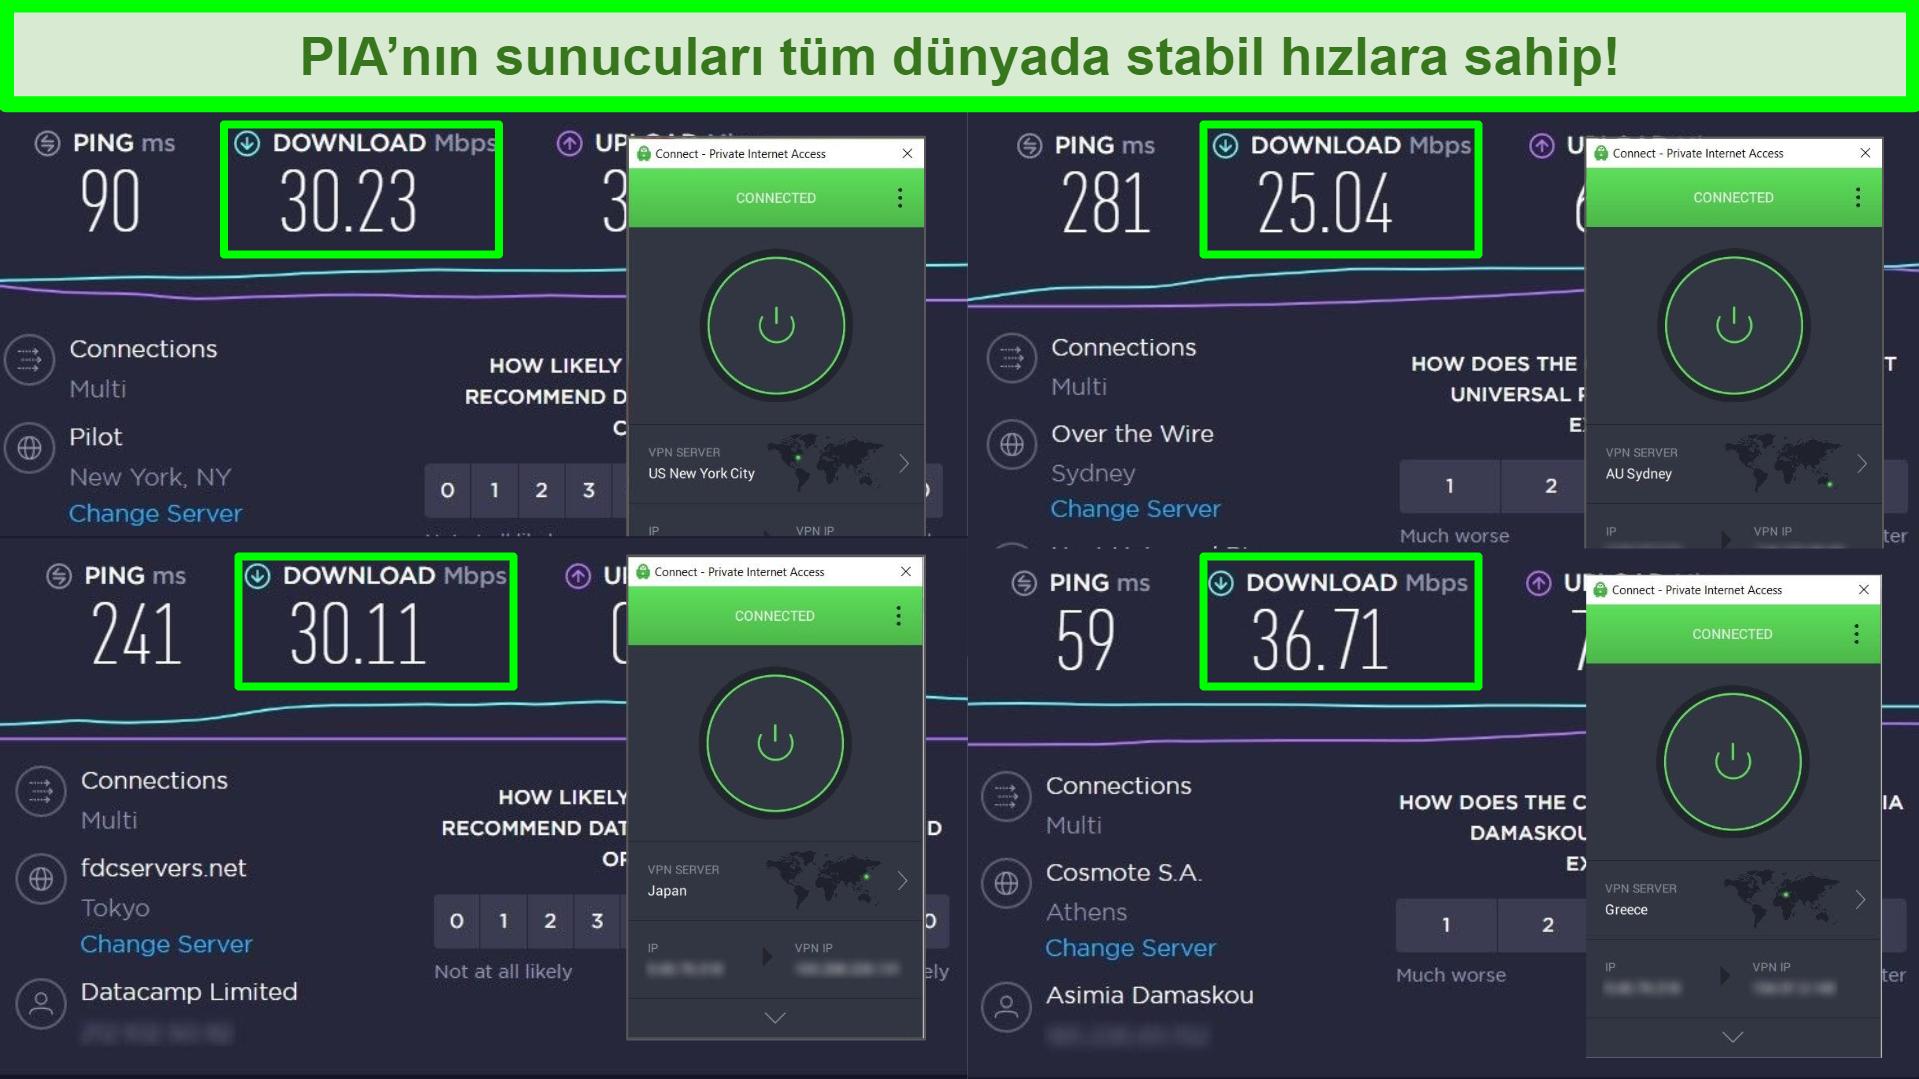 Farklı global sunuculara bağlı PIA ile Ookla hız testlerinin ekran görüntüleri.